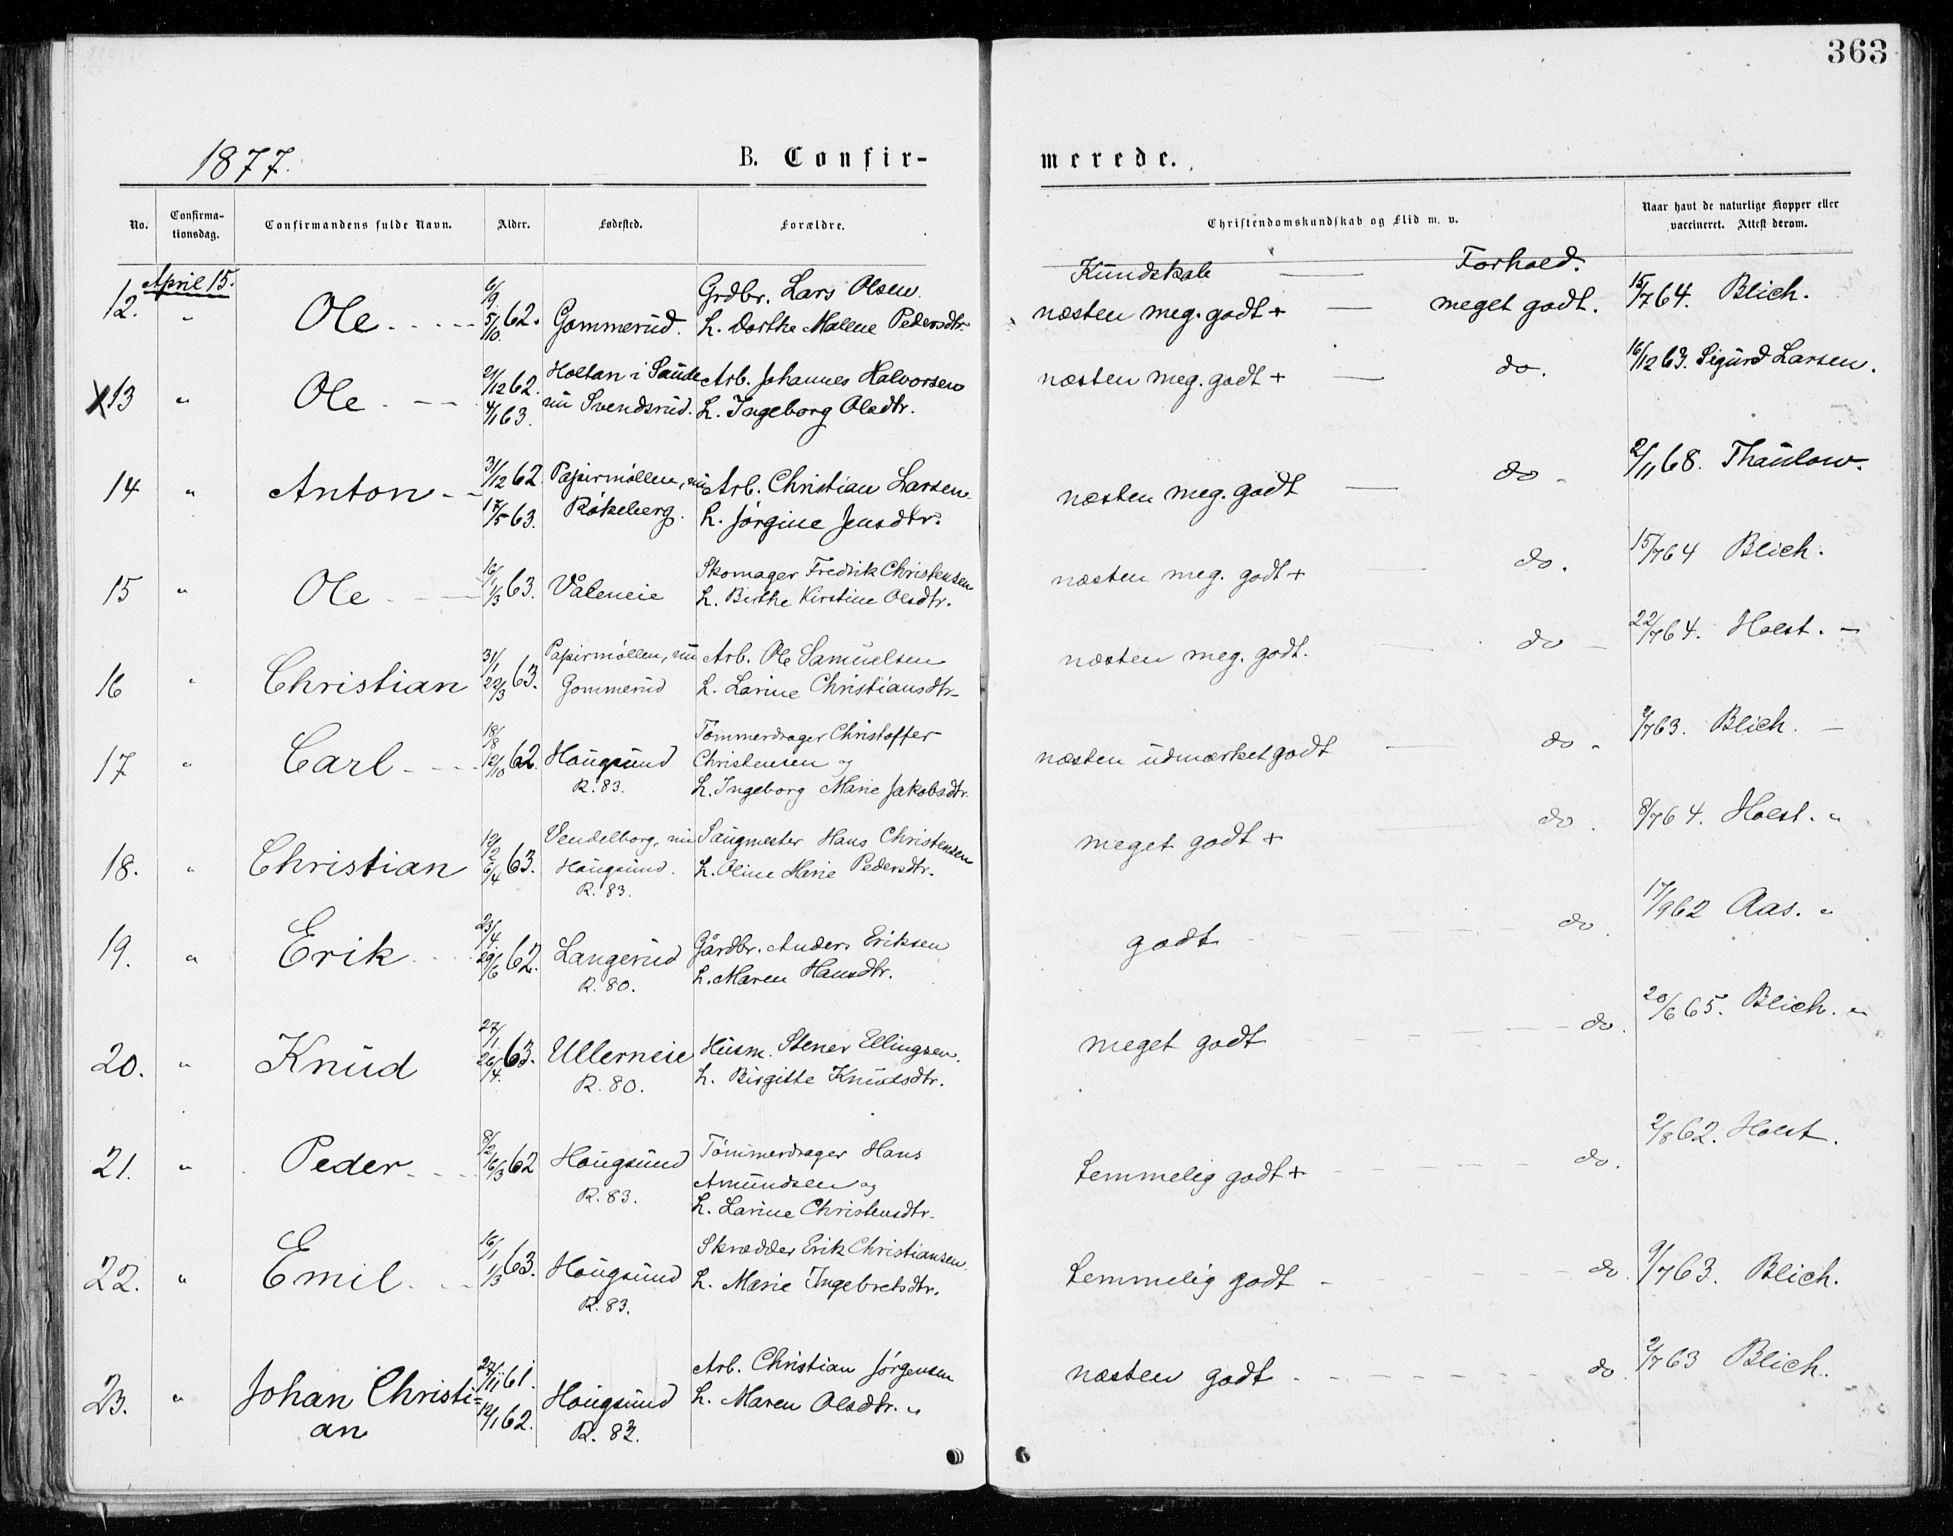 SAKO, Eiker kirkebøker, G/Ga/L0004: Klokkerbok nr. I 4, 1877-1877, s. 363